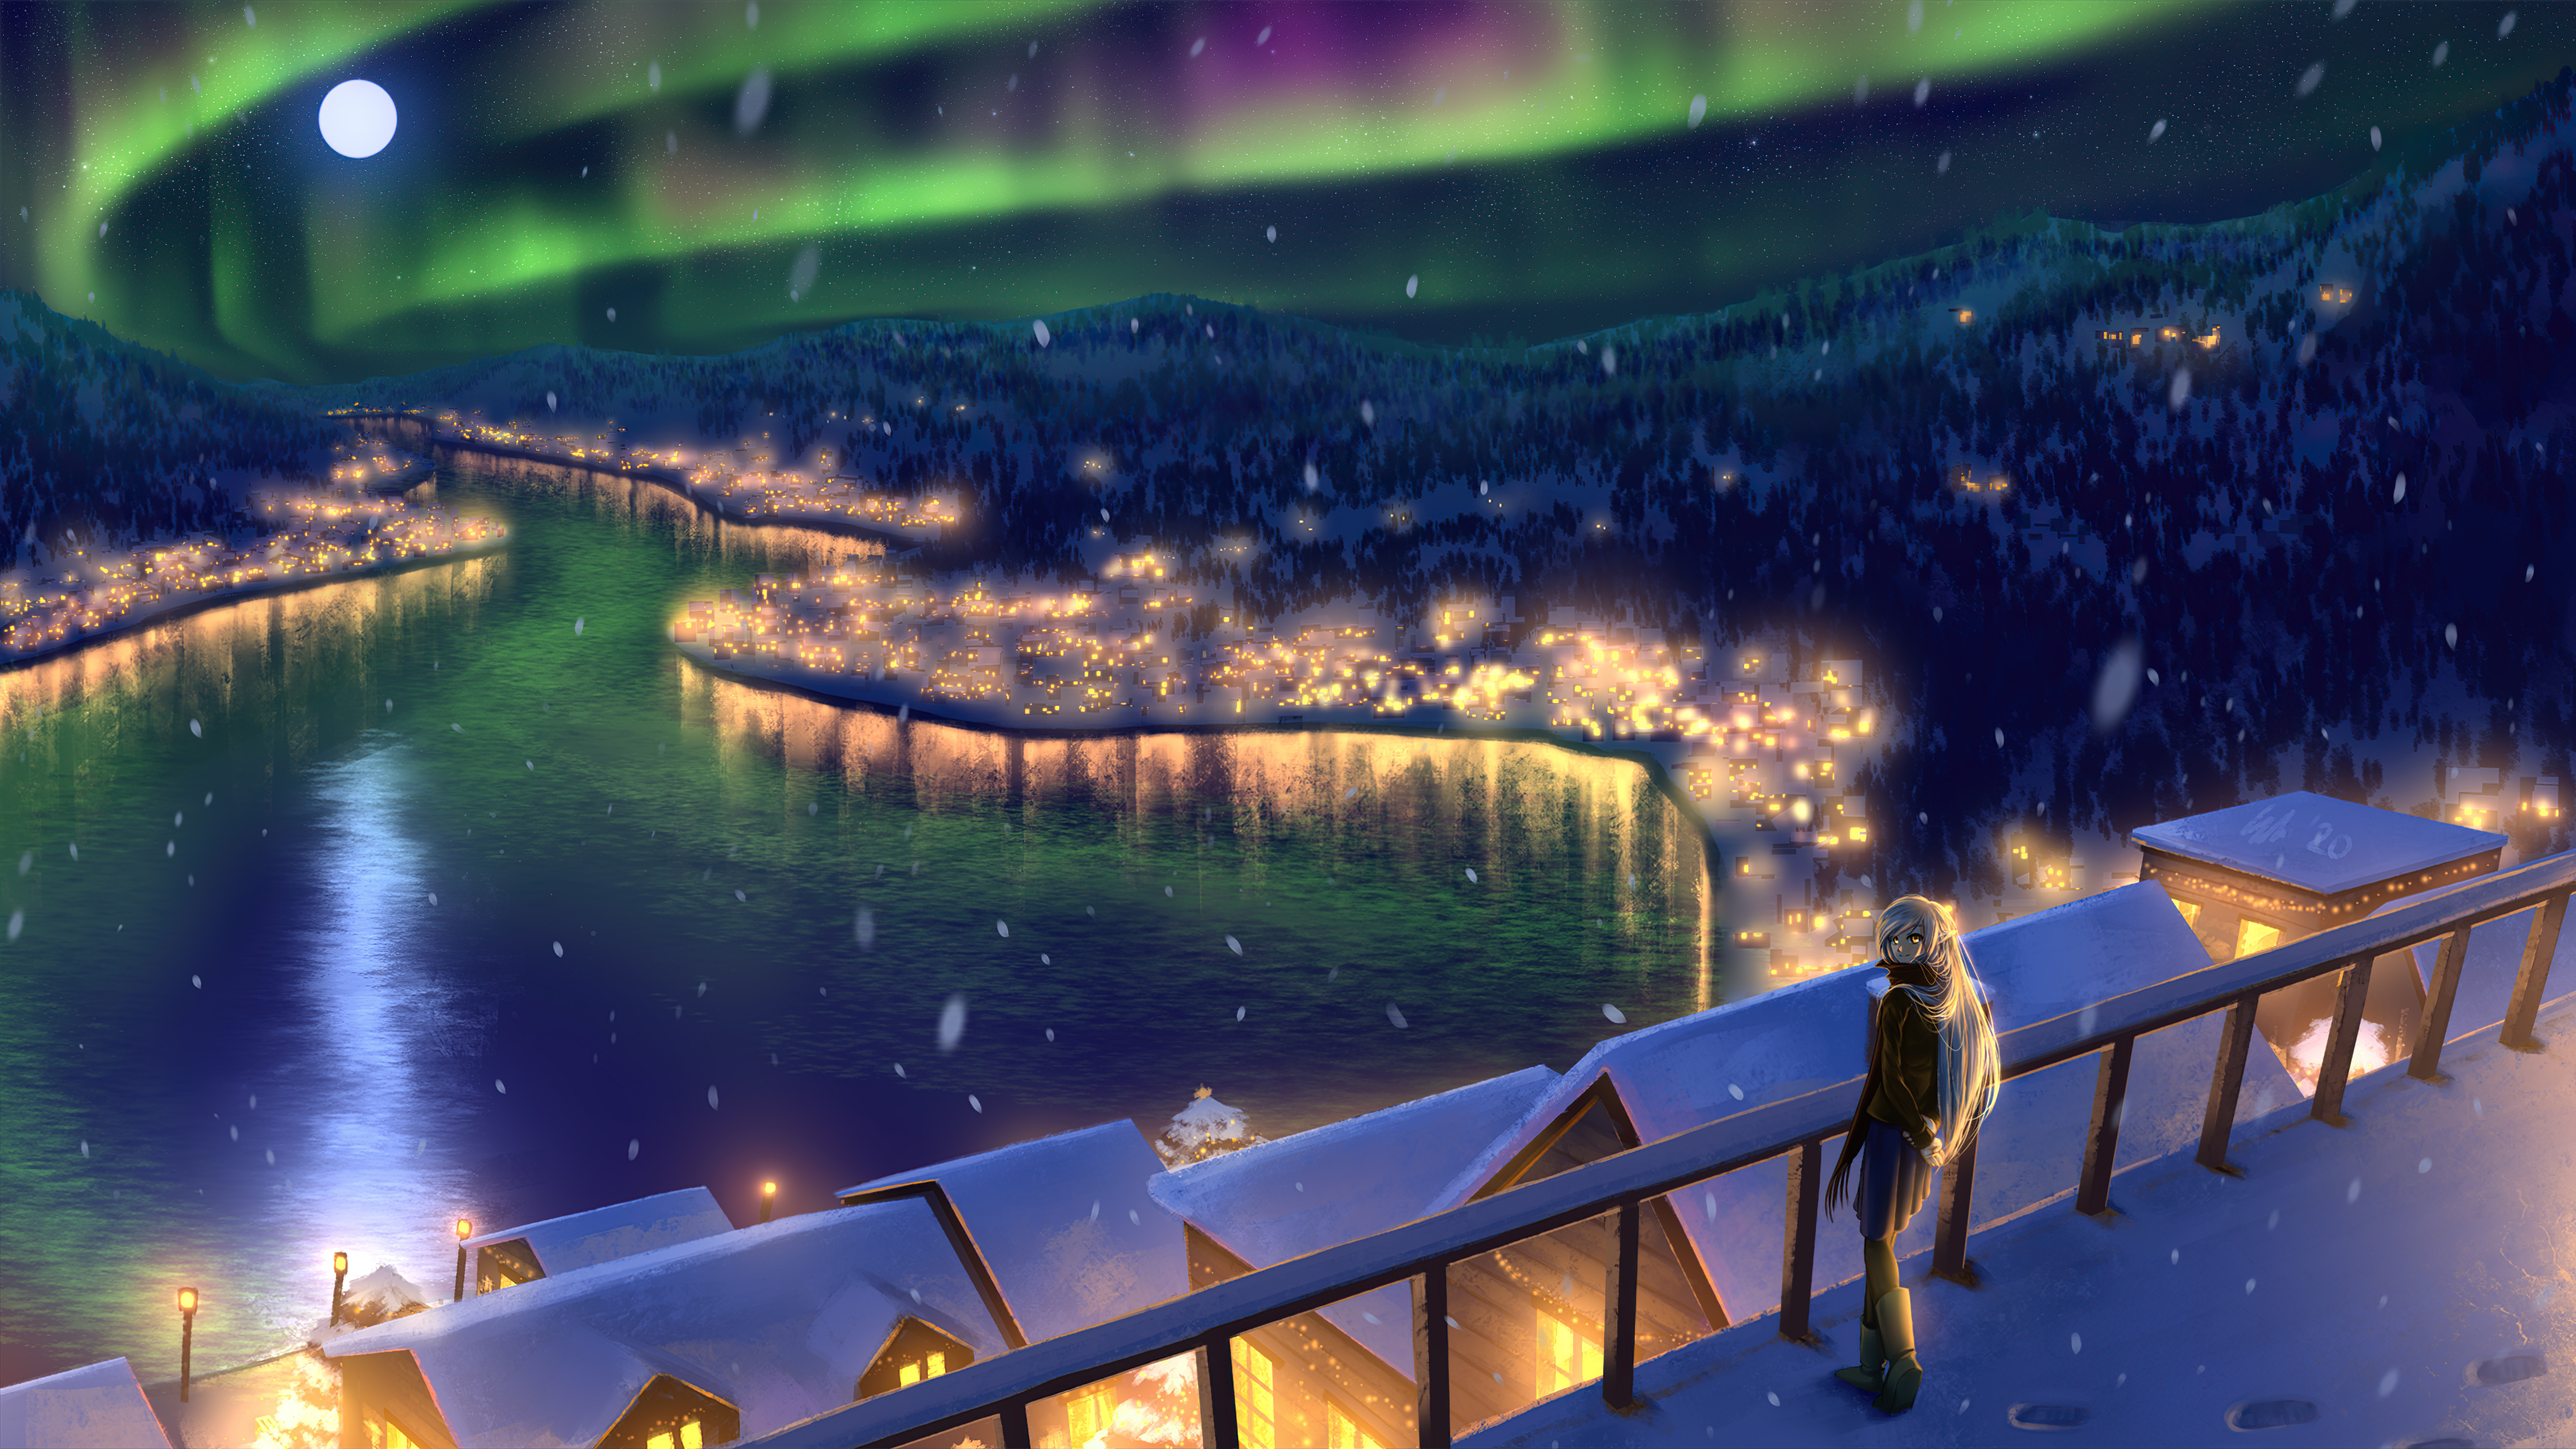 upon-the-night-sky-4k-8w.jpg